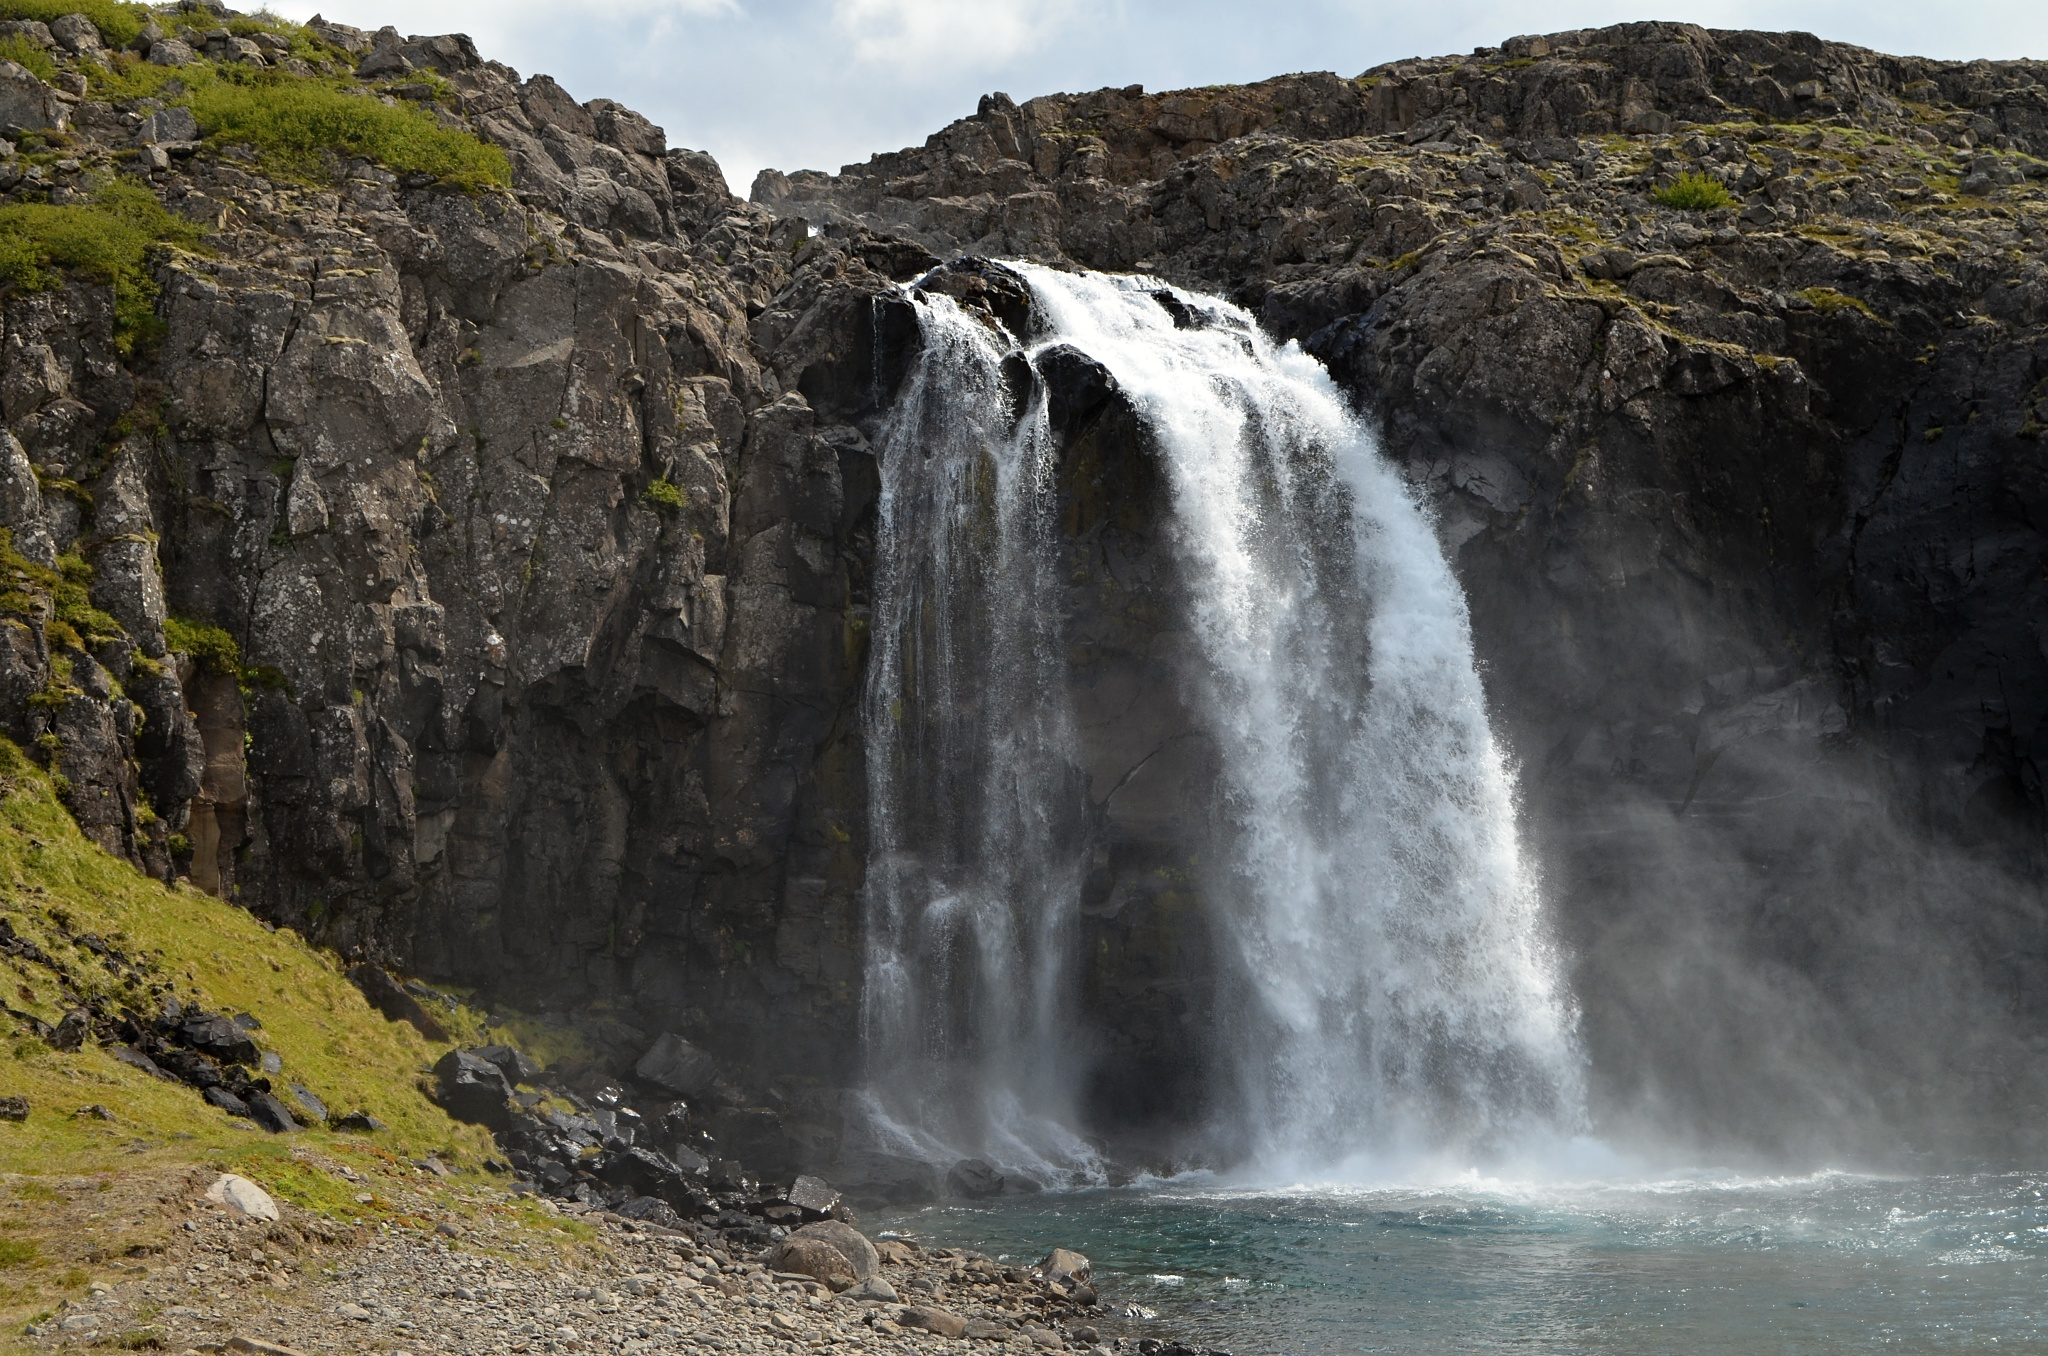 Neznámý vodopád v zátoce Fossfjordur